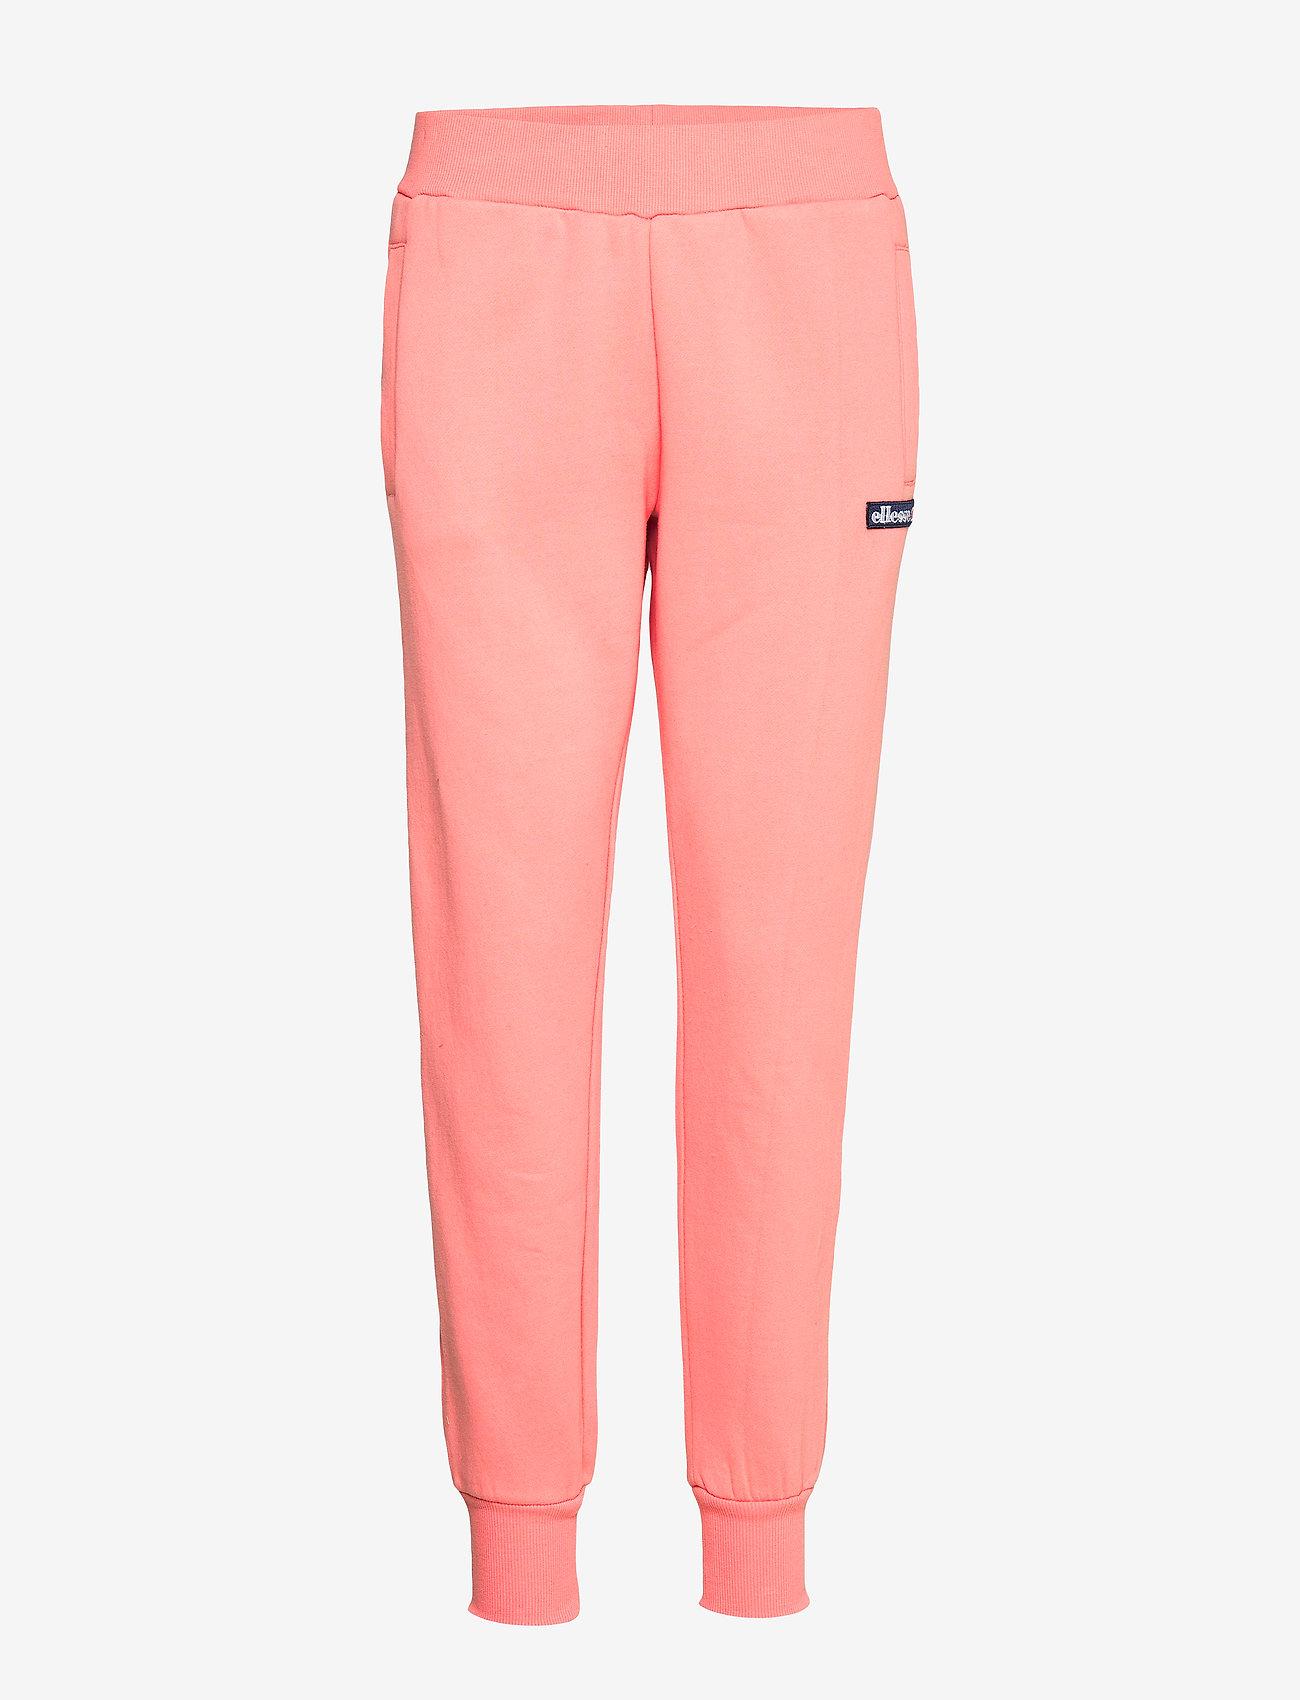 Ellesse - EL SANATRA - pants - soft pink - 0